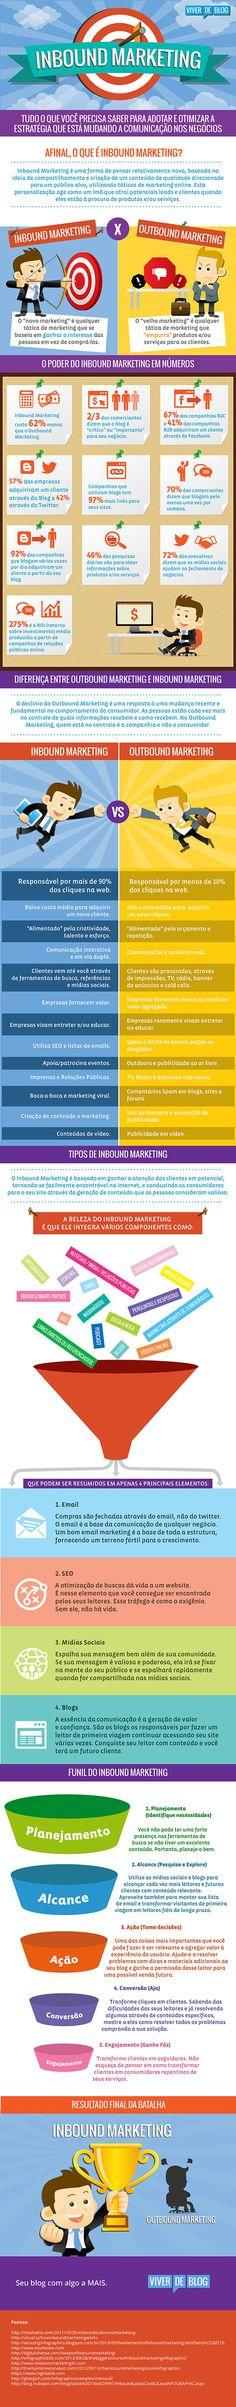 Gráfico sobre Inbound Marketing. Encontrei no Viver de Blog :)